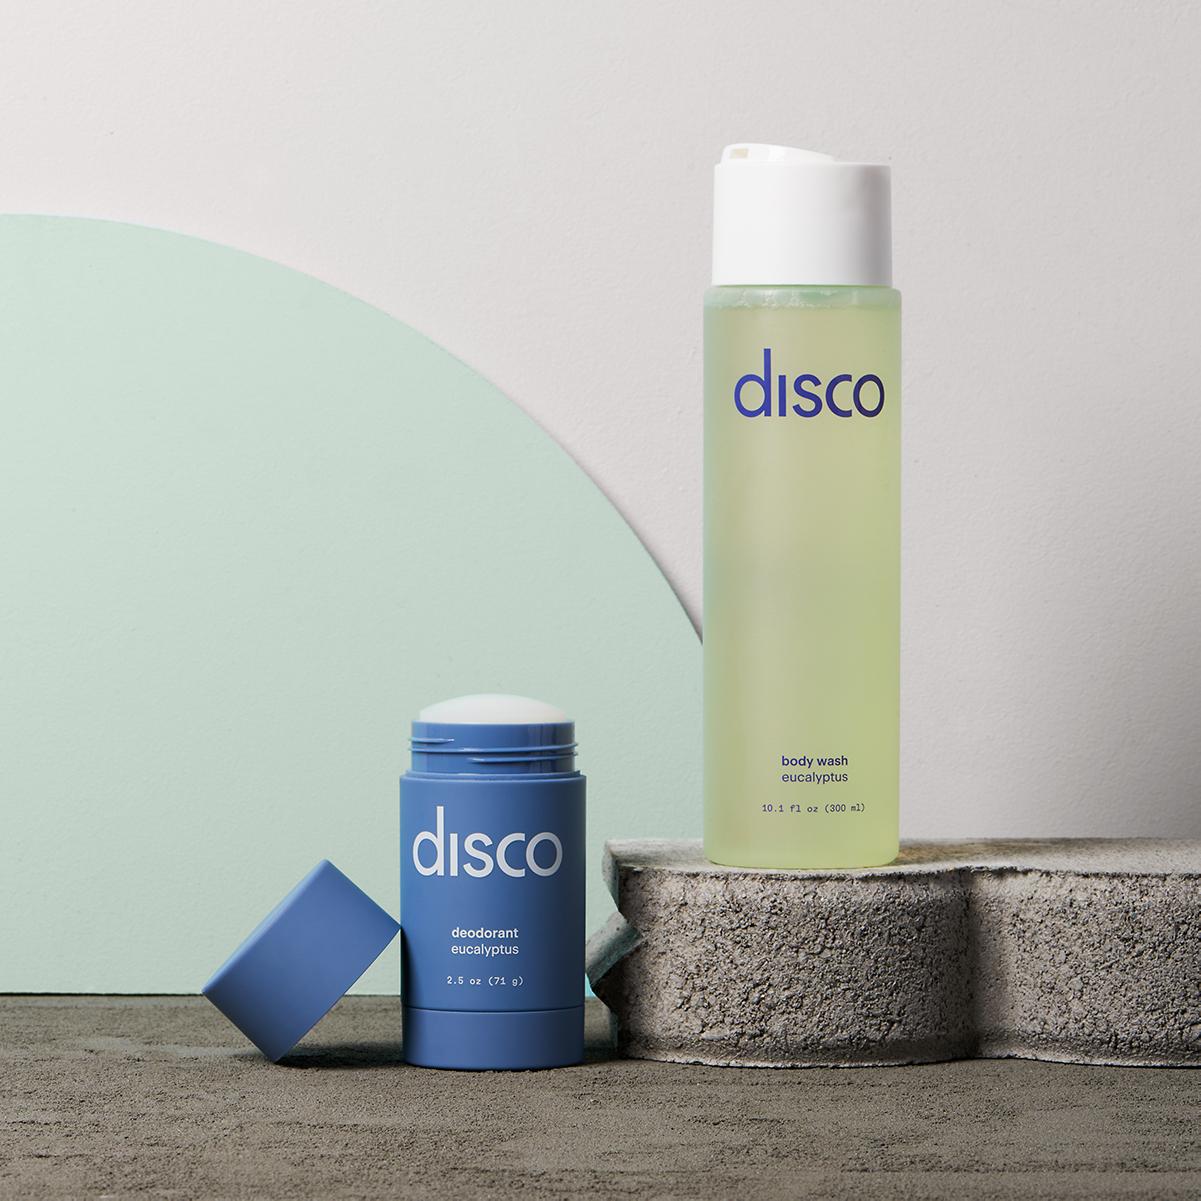 Disco-Shoot1188